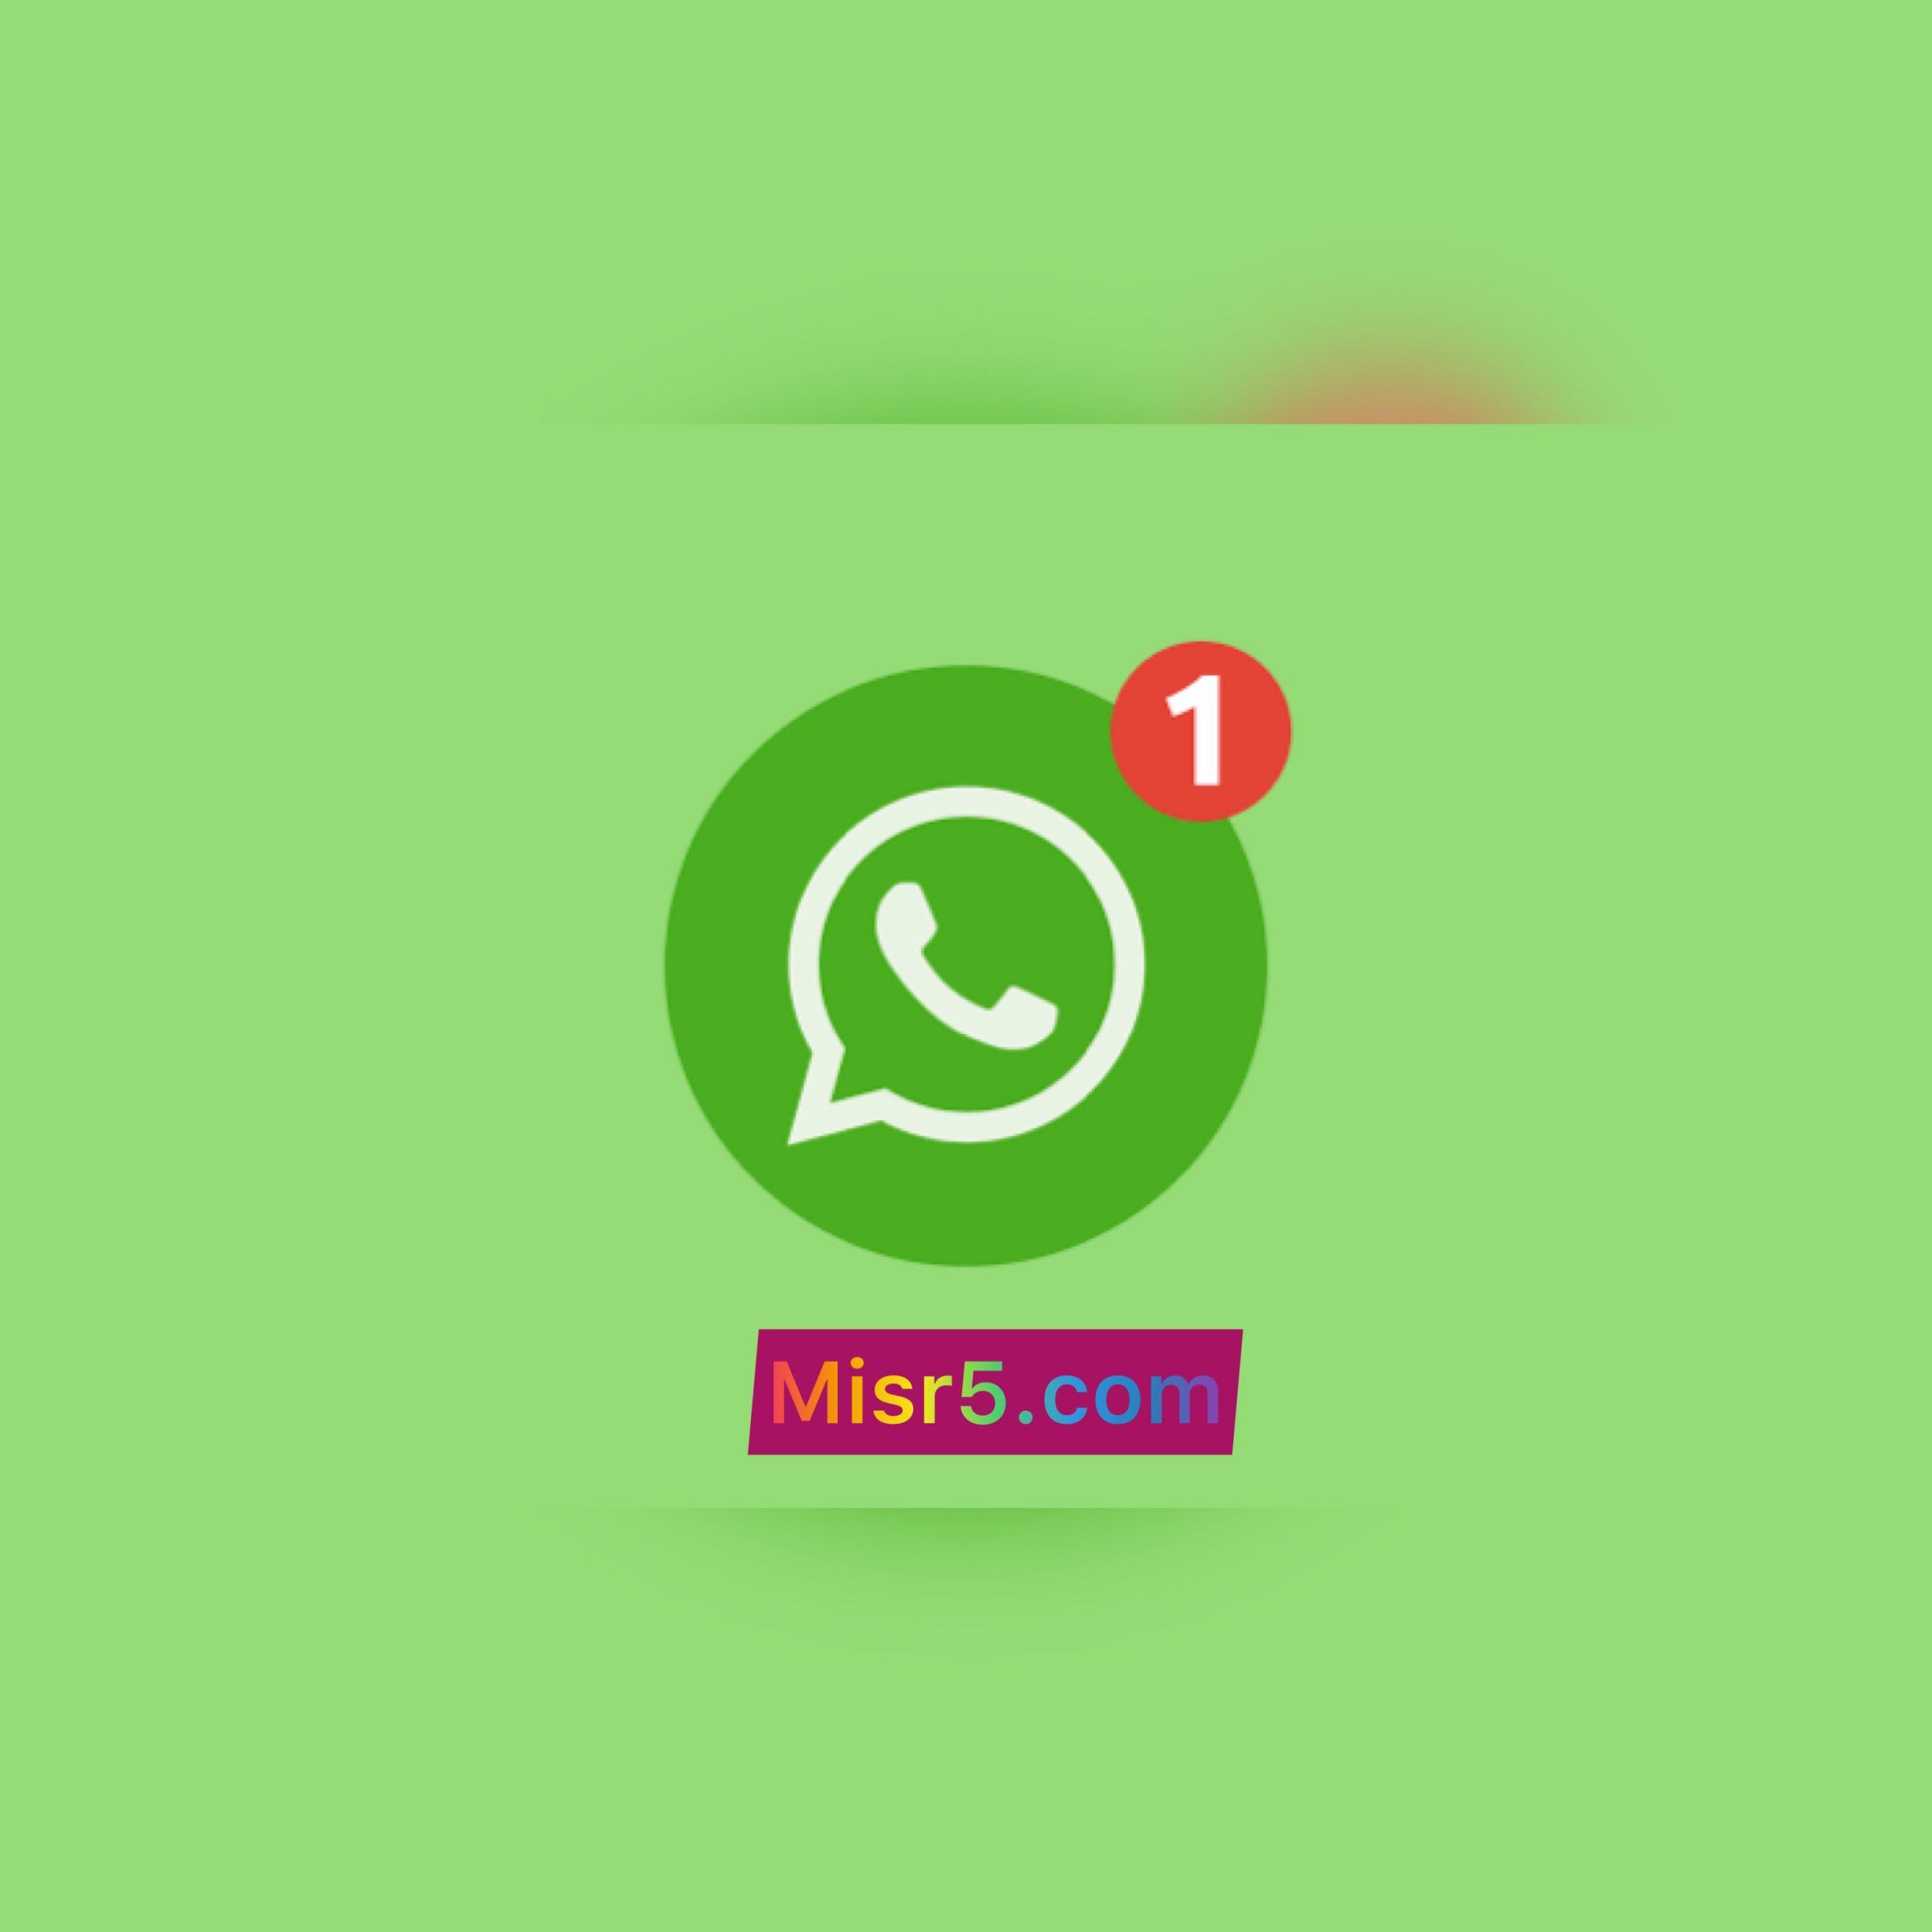 WhatsApp- تحاول أن ترضي مستخدمي التطبيق من خلال إطلاق مميزات جديدة